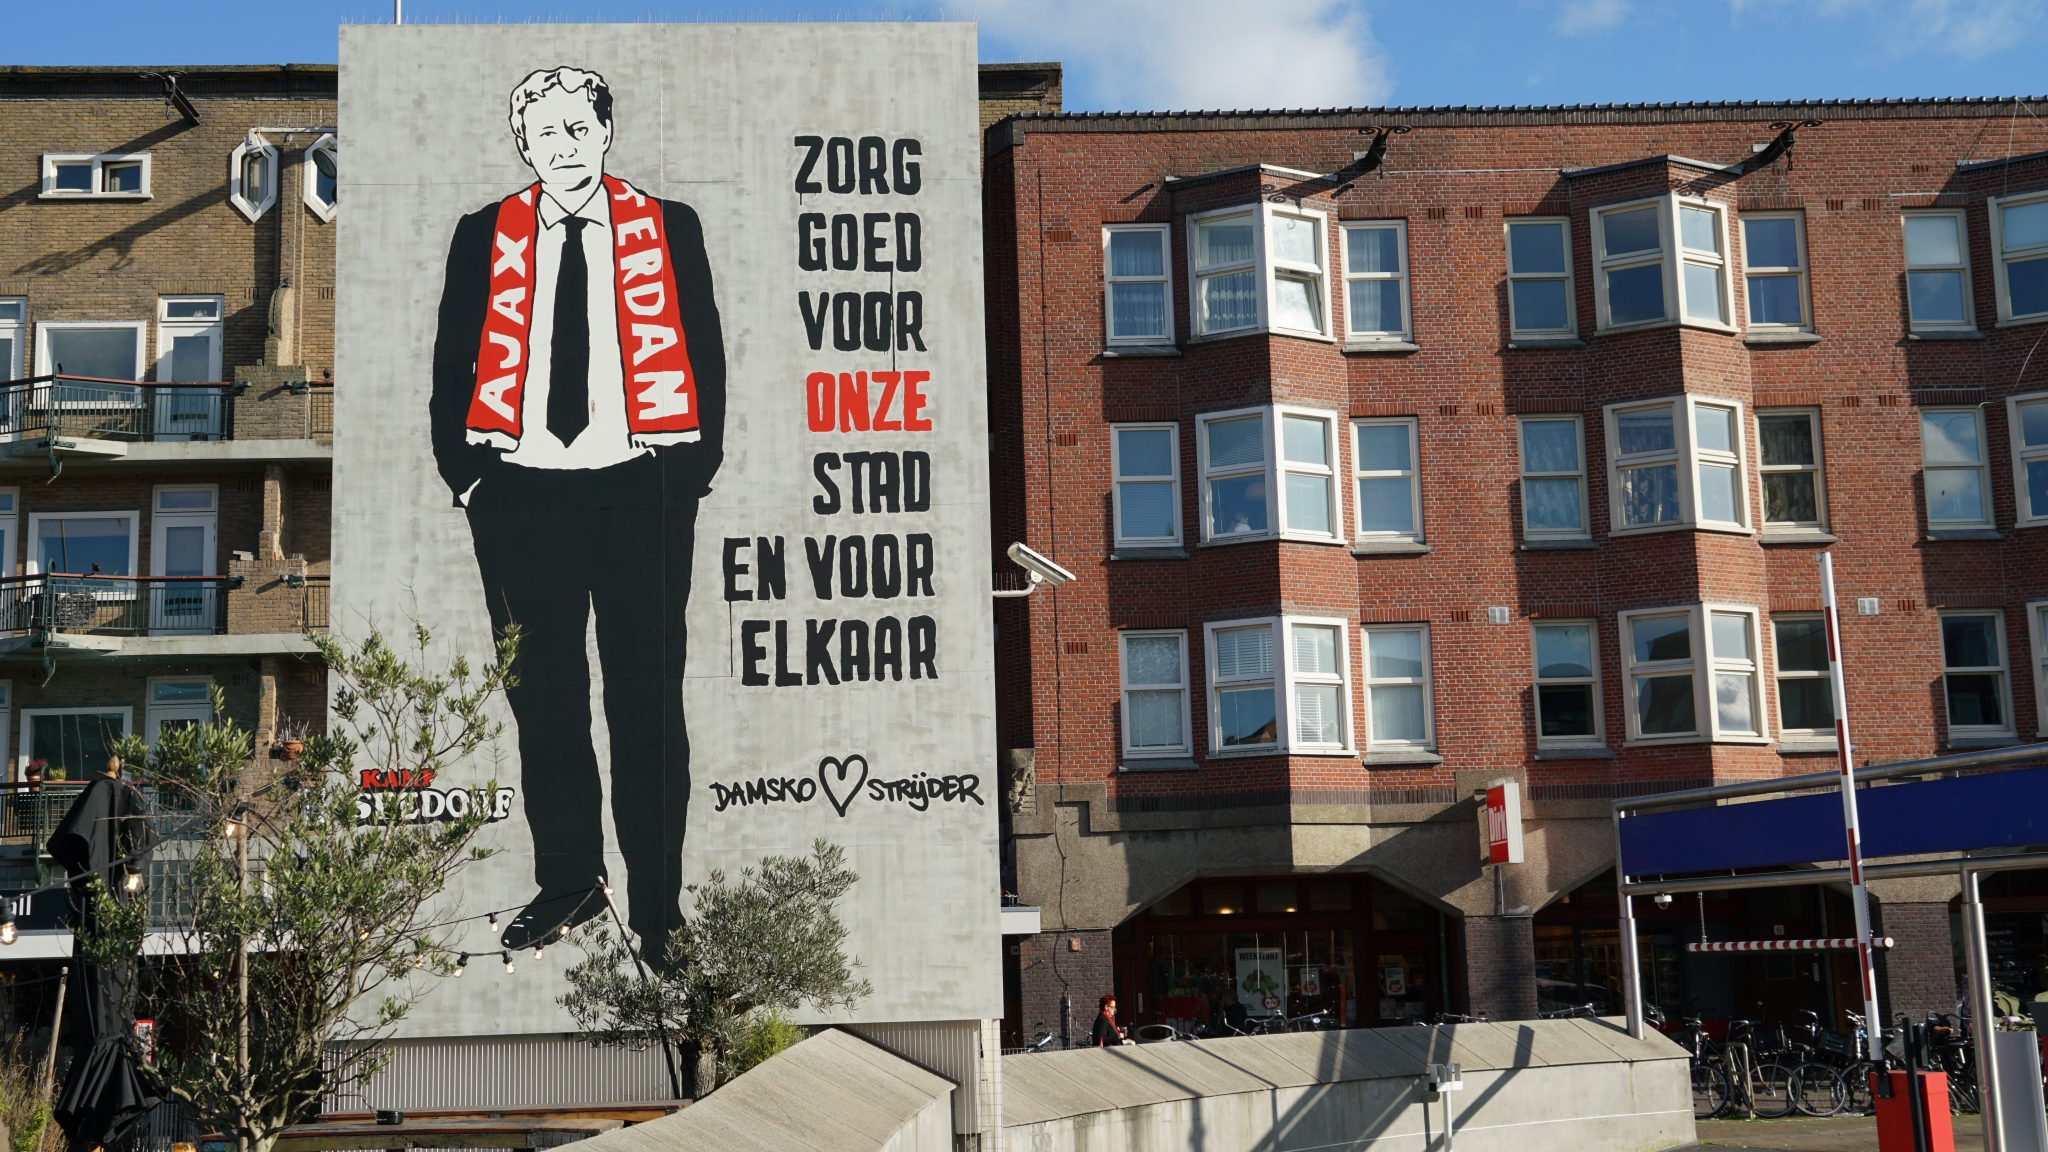 AKF HOMMAGE AAN AMSTERDAM